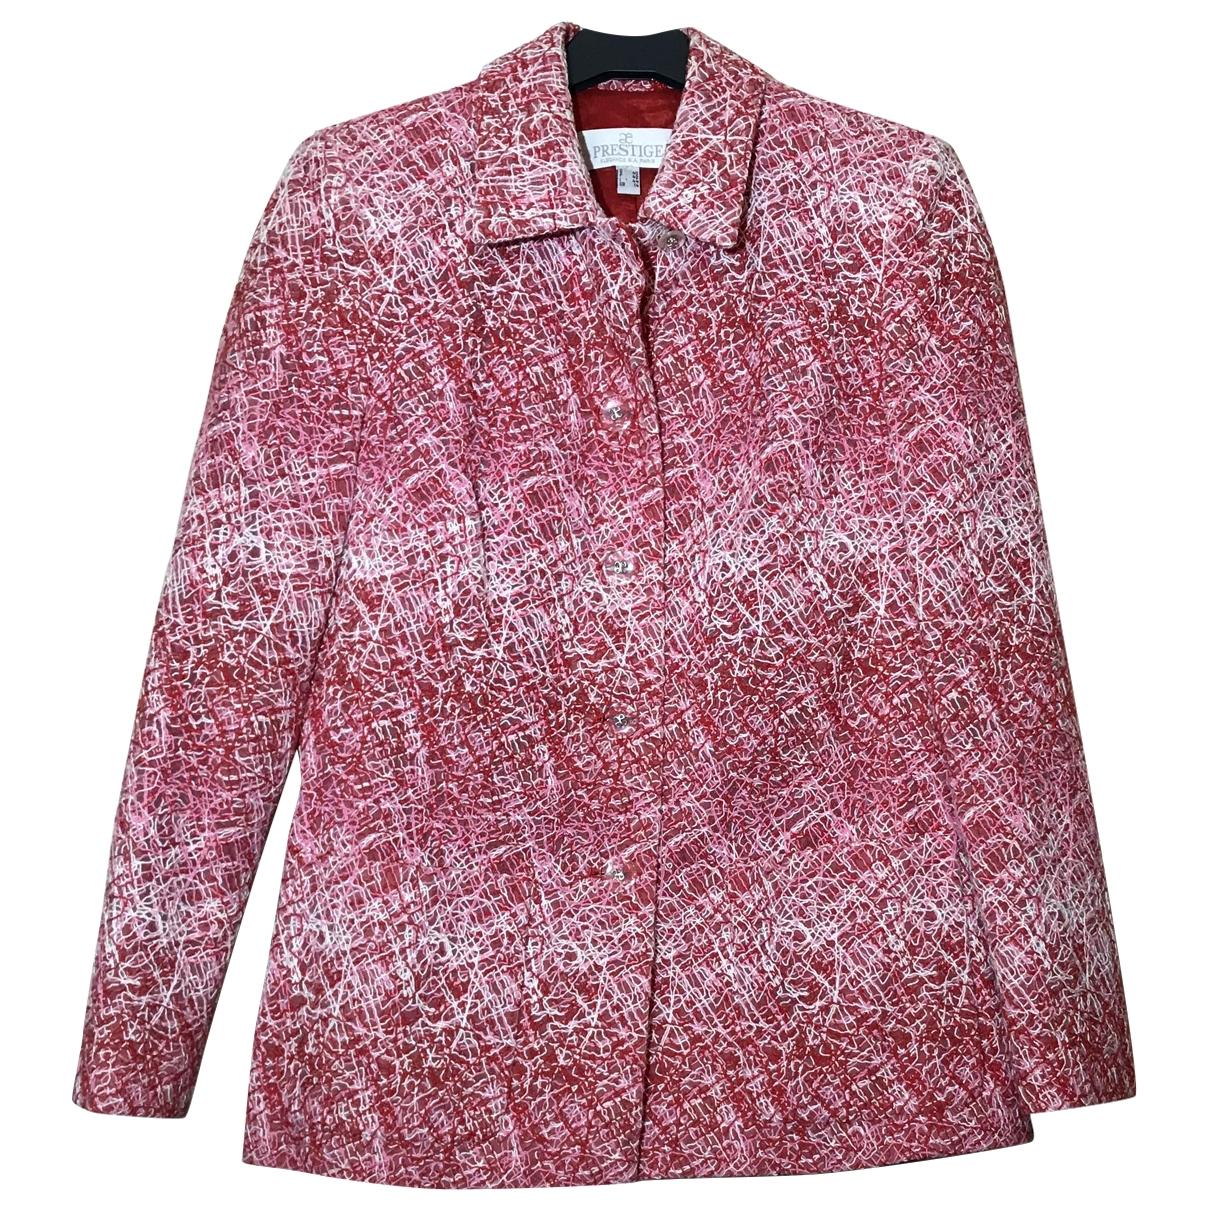 Elegance Paris - Veste   pour femme en coton - multicolore